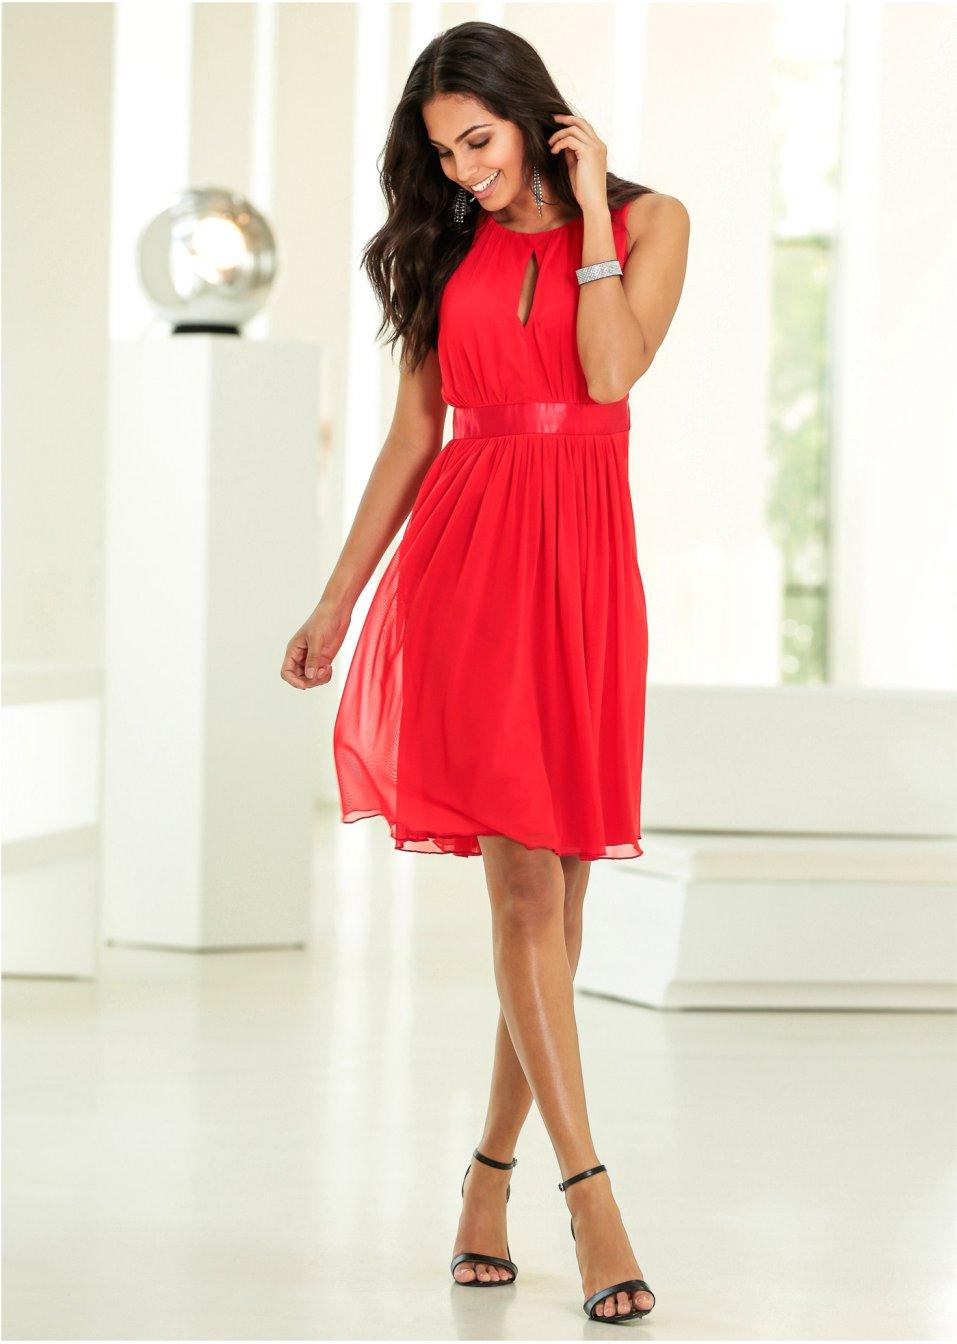 Formal Ausgezeichnet Rote Kleider Knielang Spezialgebiet13 Elegant Rote Kleider Knielang Ärmel